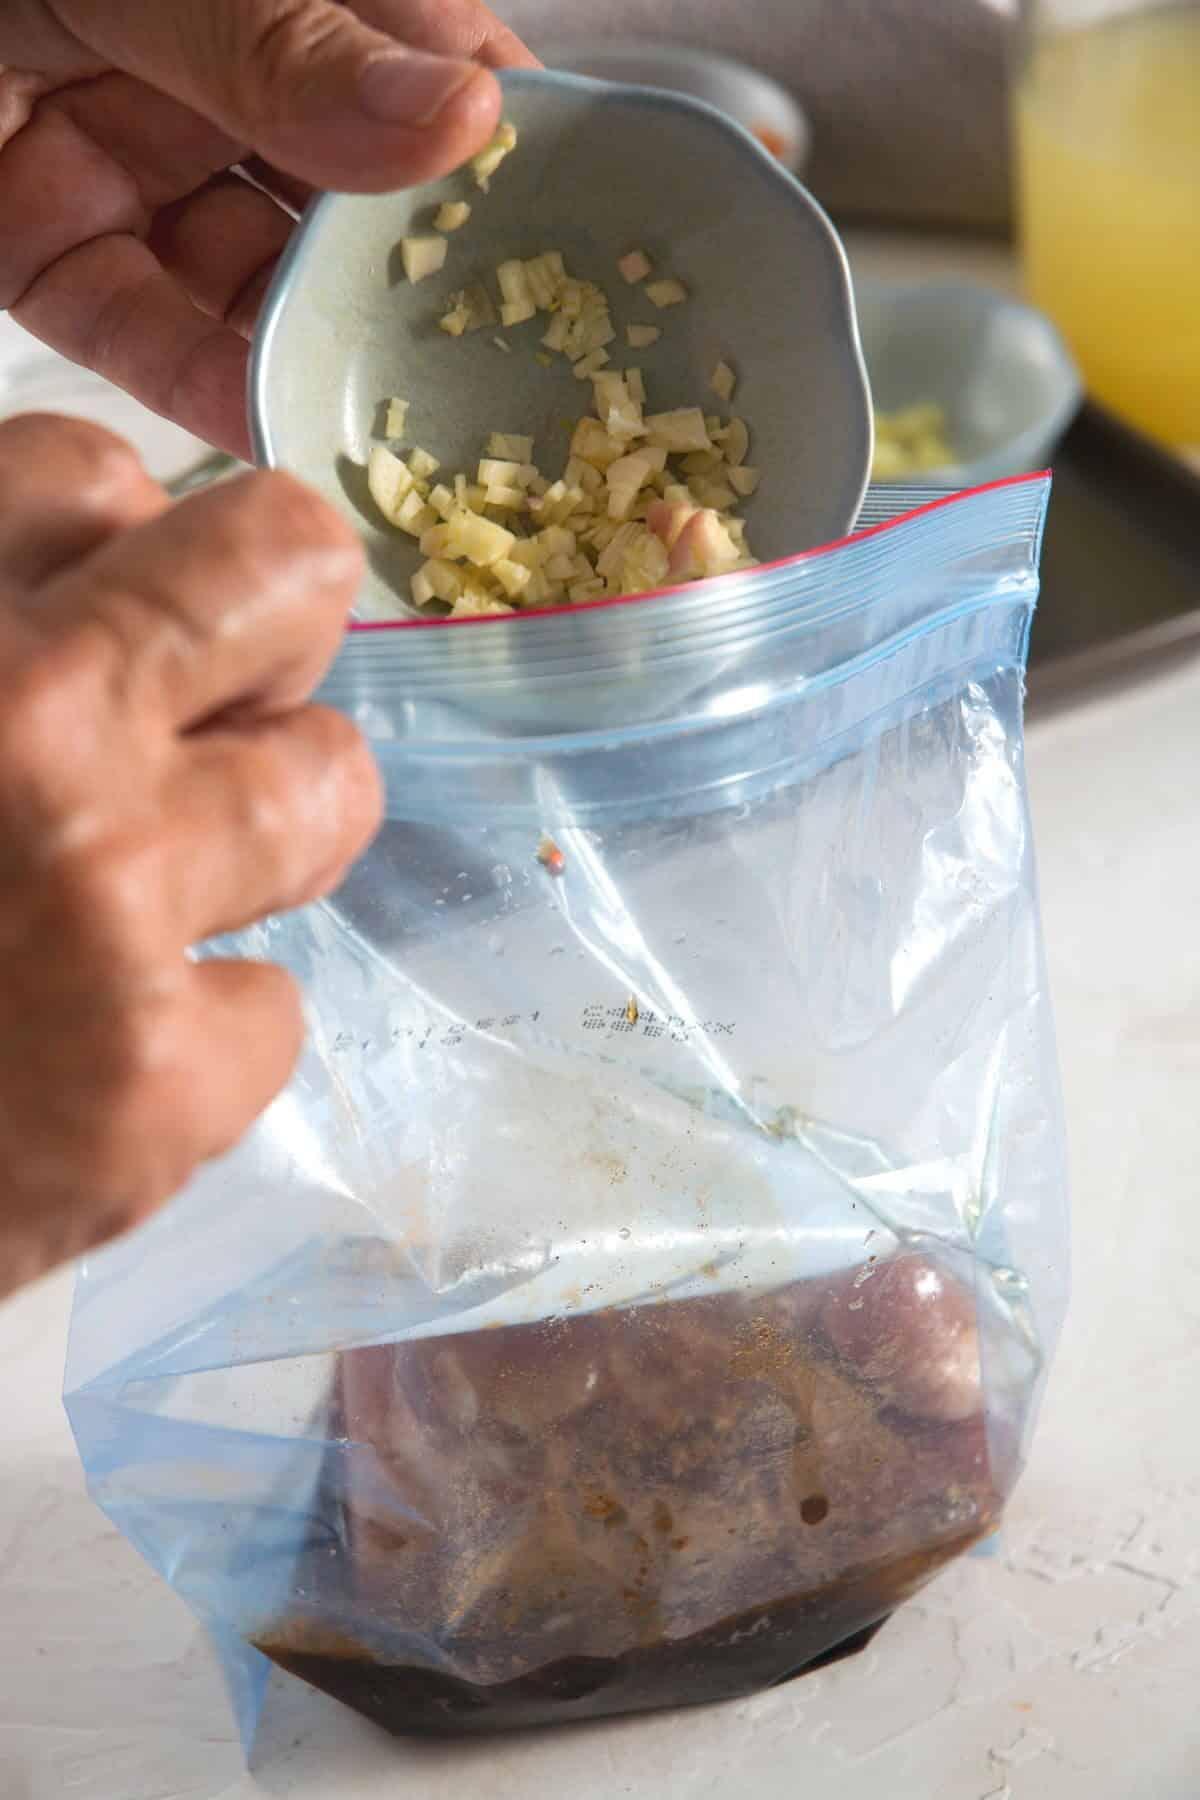 A ziptop bag with pork tenderloin, garlic and marinade.